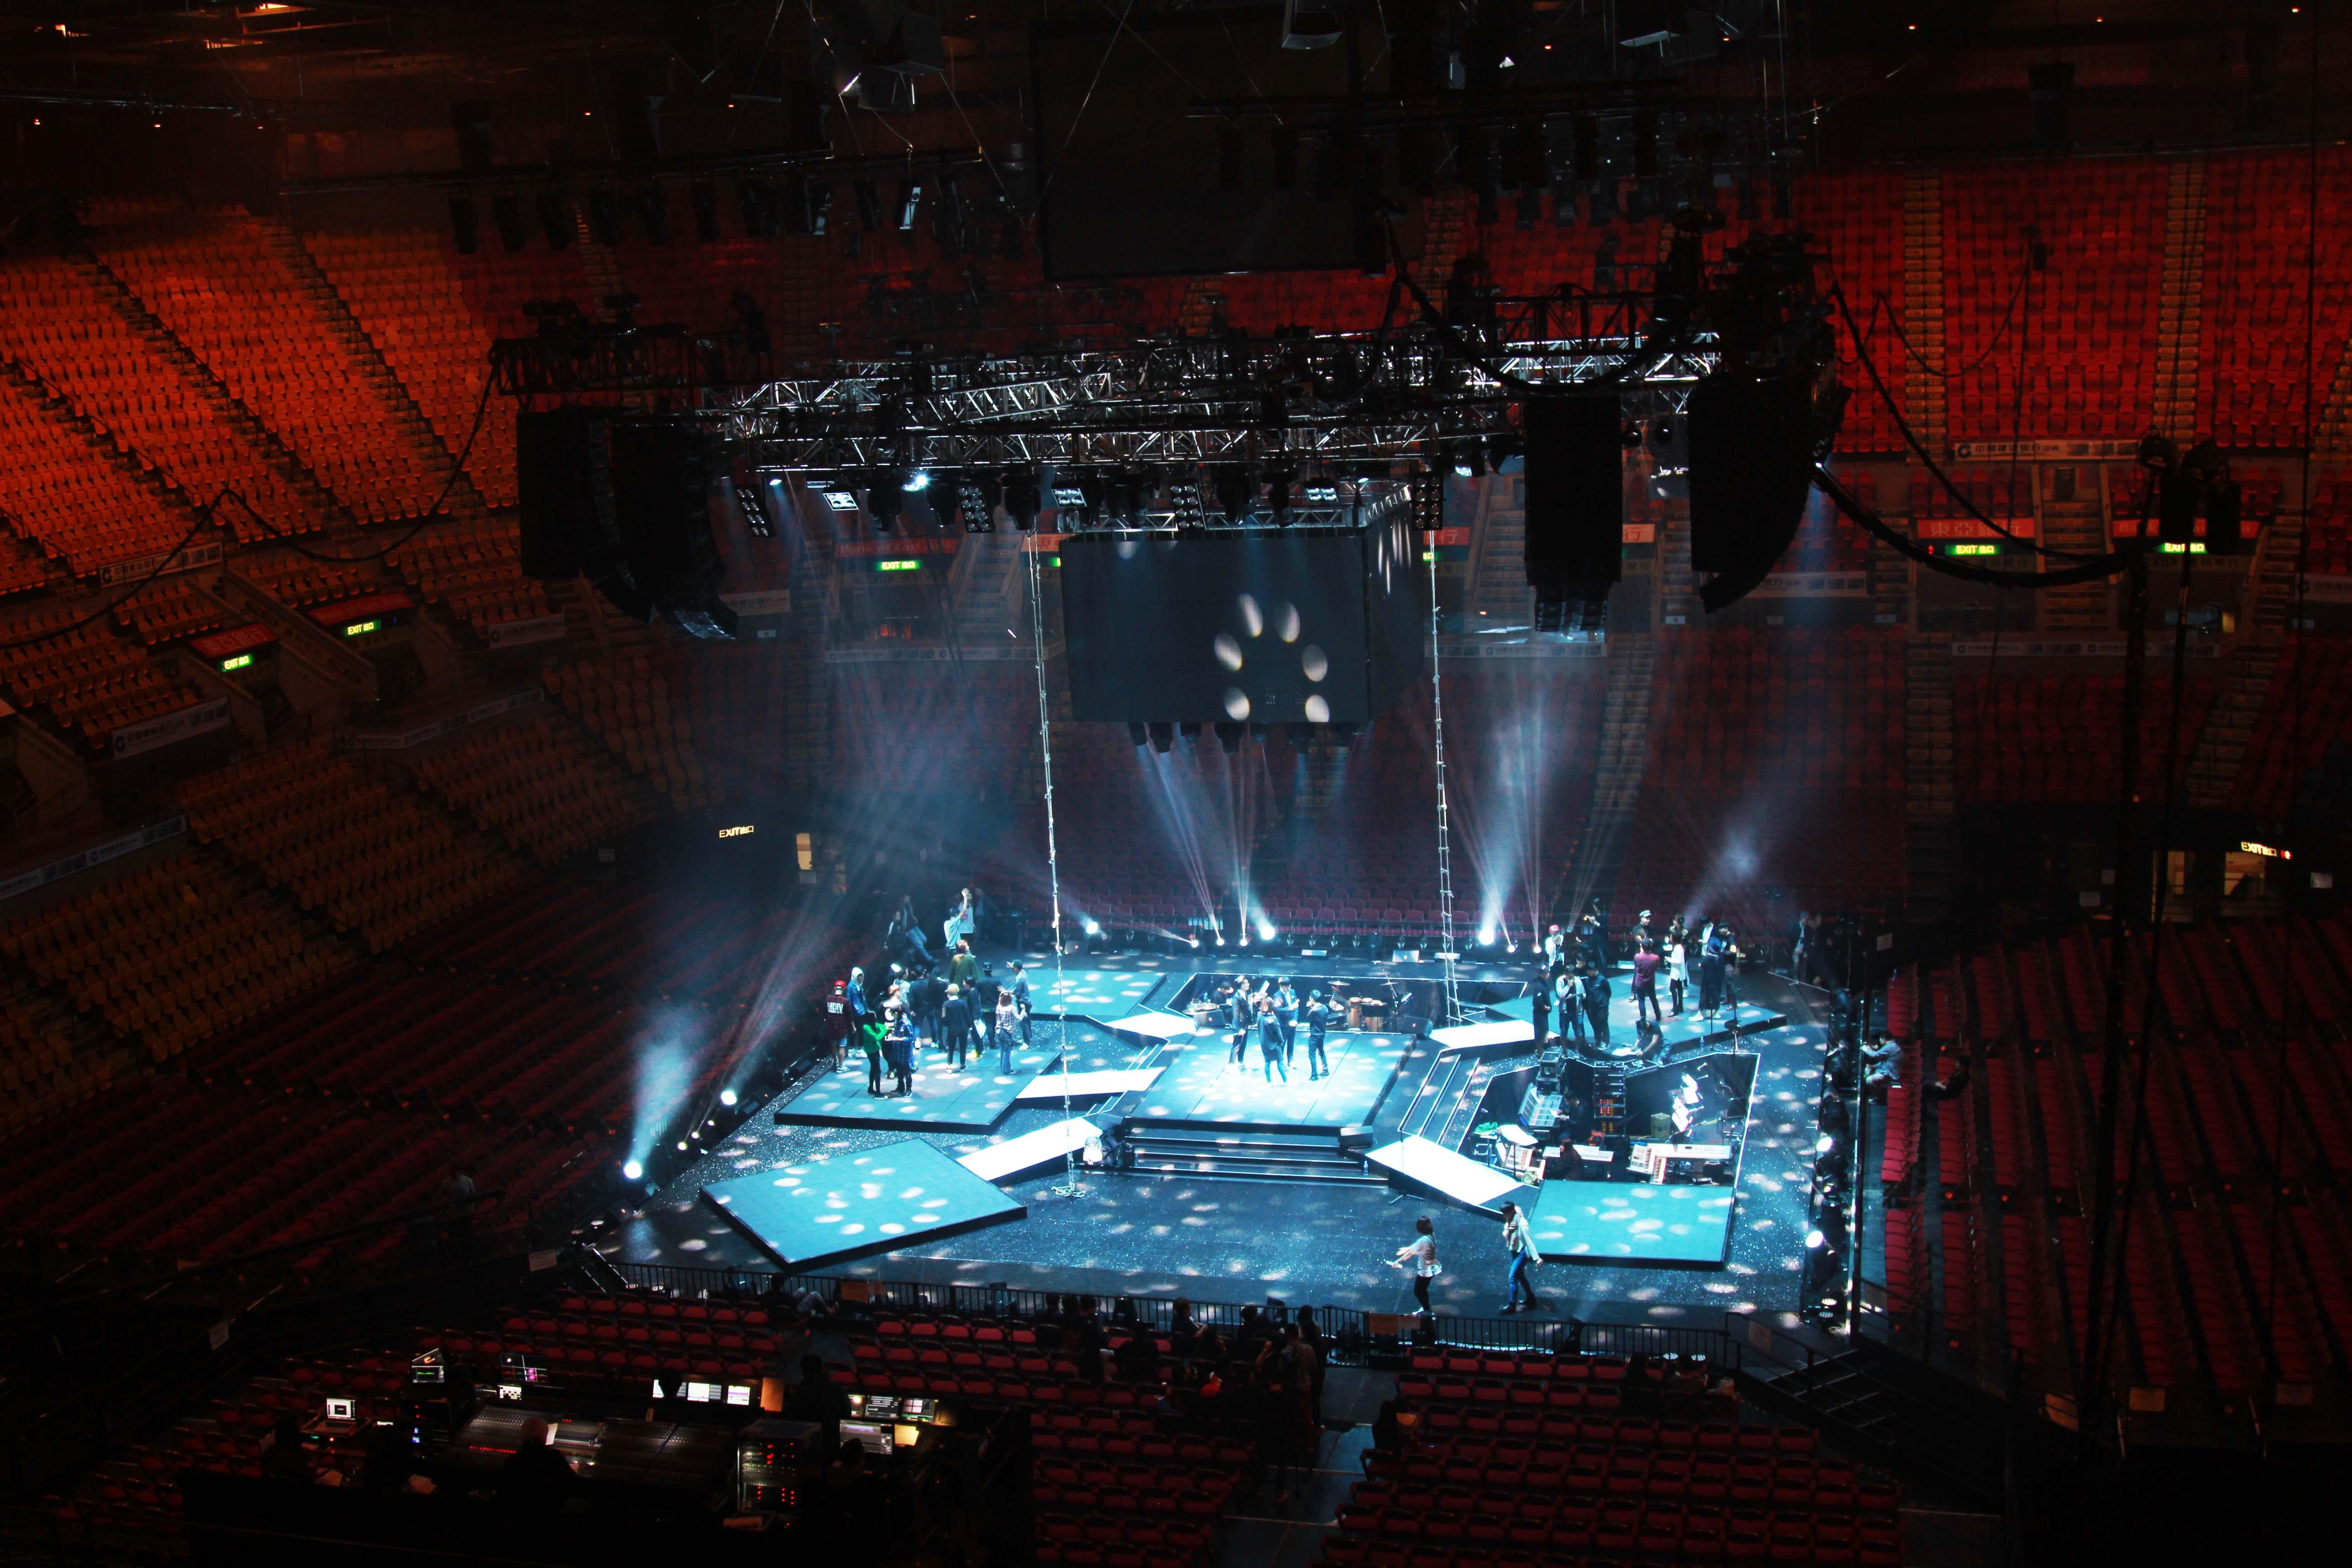 盘点凄凉演唱会:他的现场7个观众14个保安,他斥巨资亏